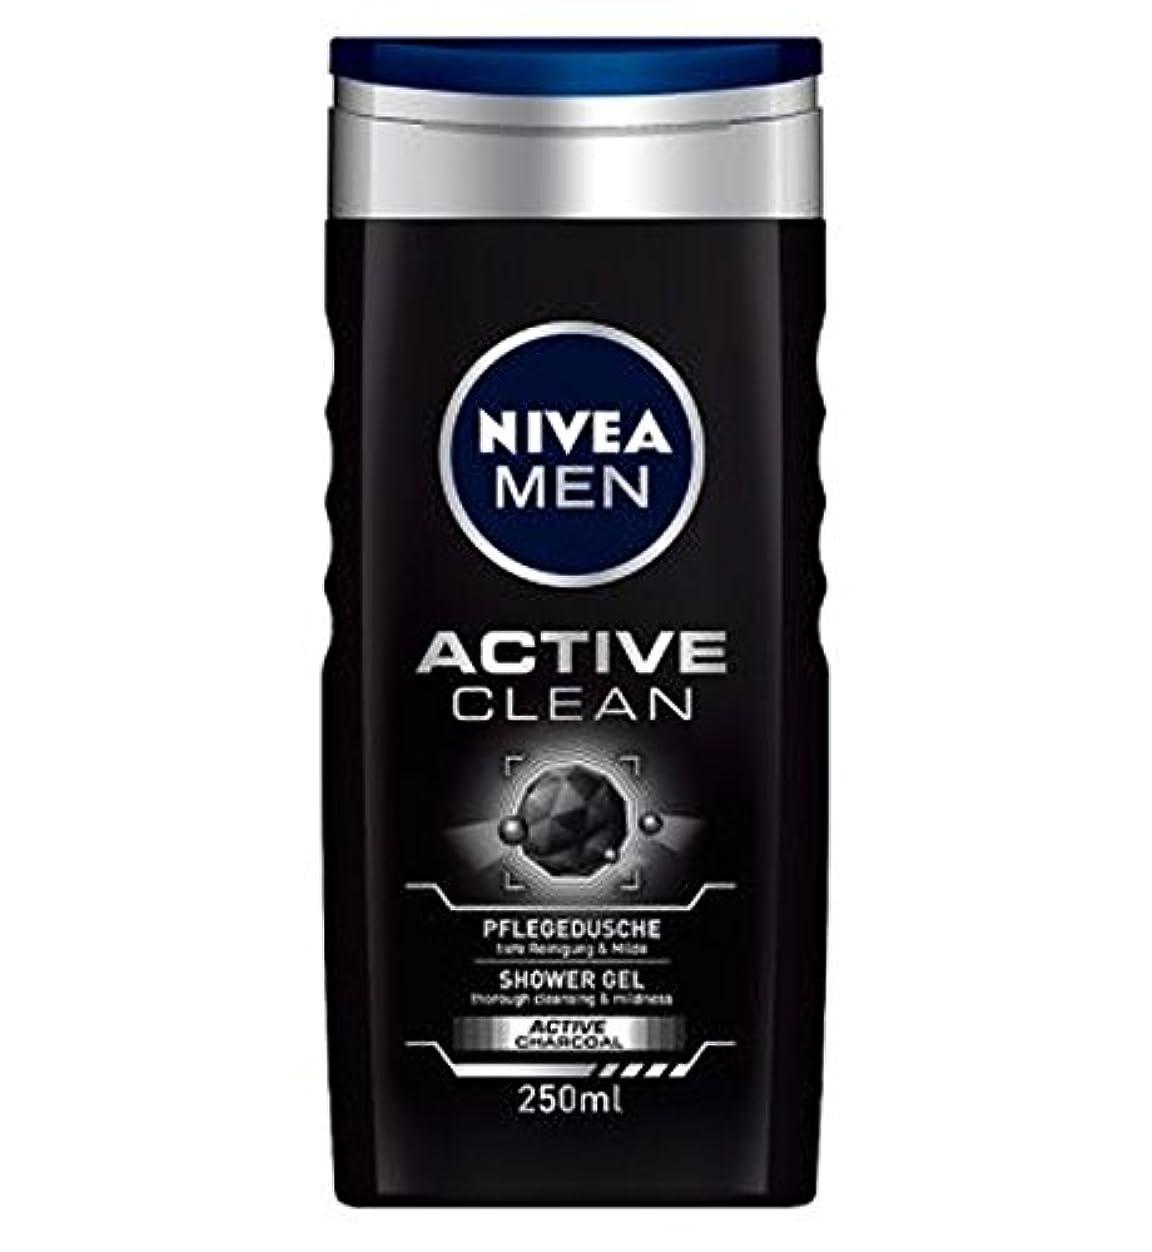 NIVEA MEN Active Clean Shower Gel 250ml - ニベアの男性アクティブクリーンシャワージェル250ミリリットル (Nivea) [並行輸入品]